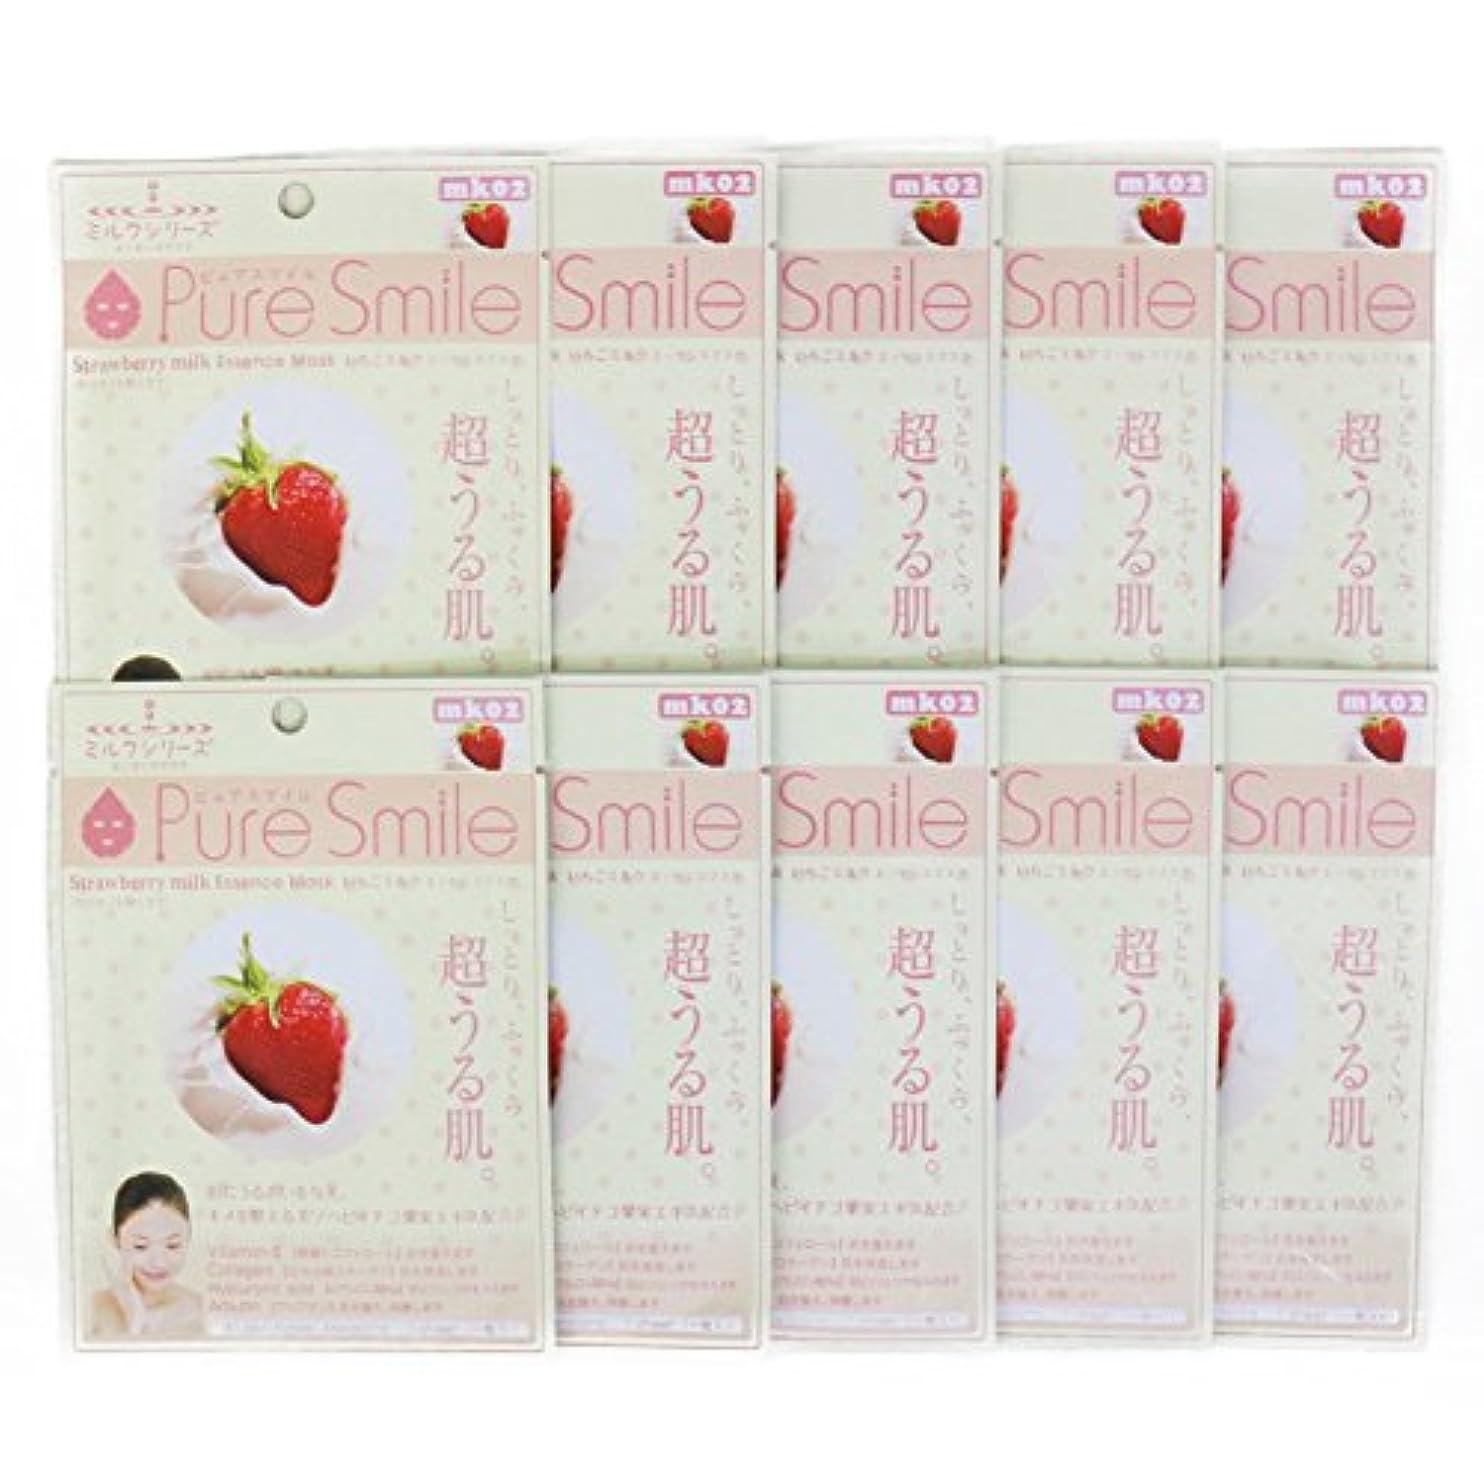 ベジタリアン感謝する衰えるPure Smile ピュアスマイル ミルクエッセンスマスク イチゴミルク 10枚セット